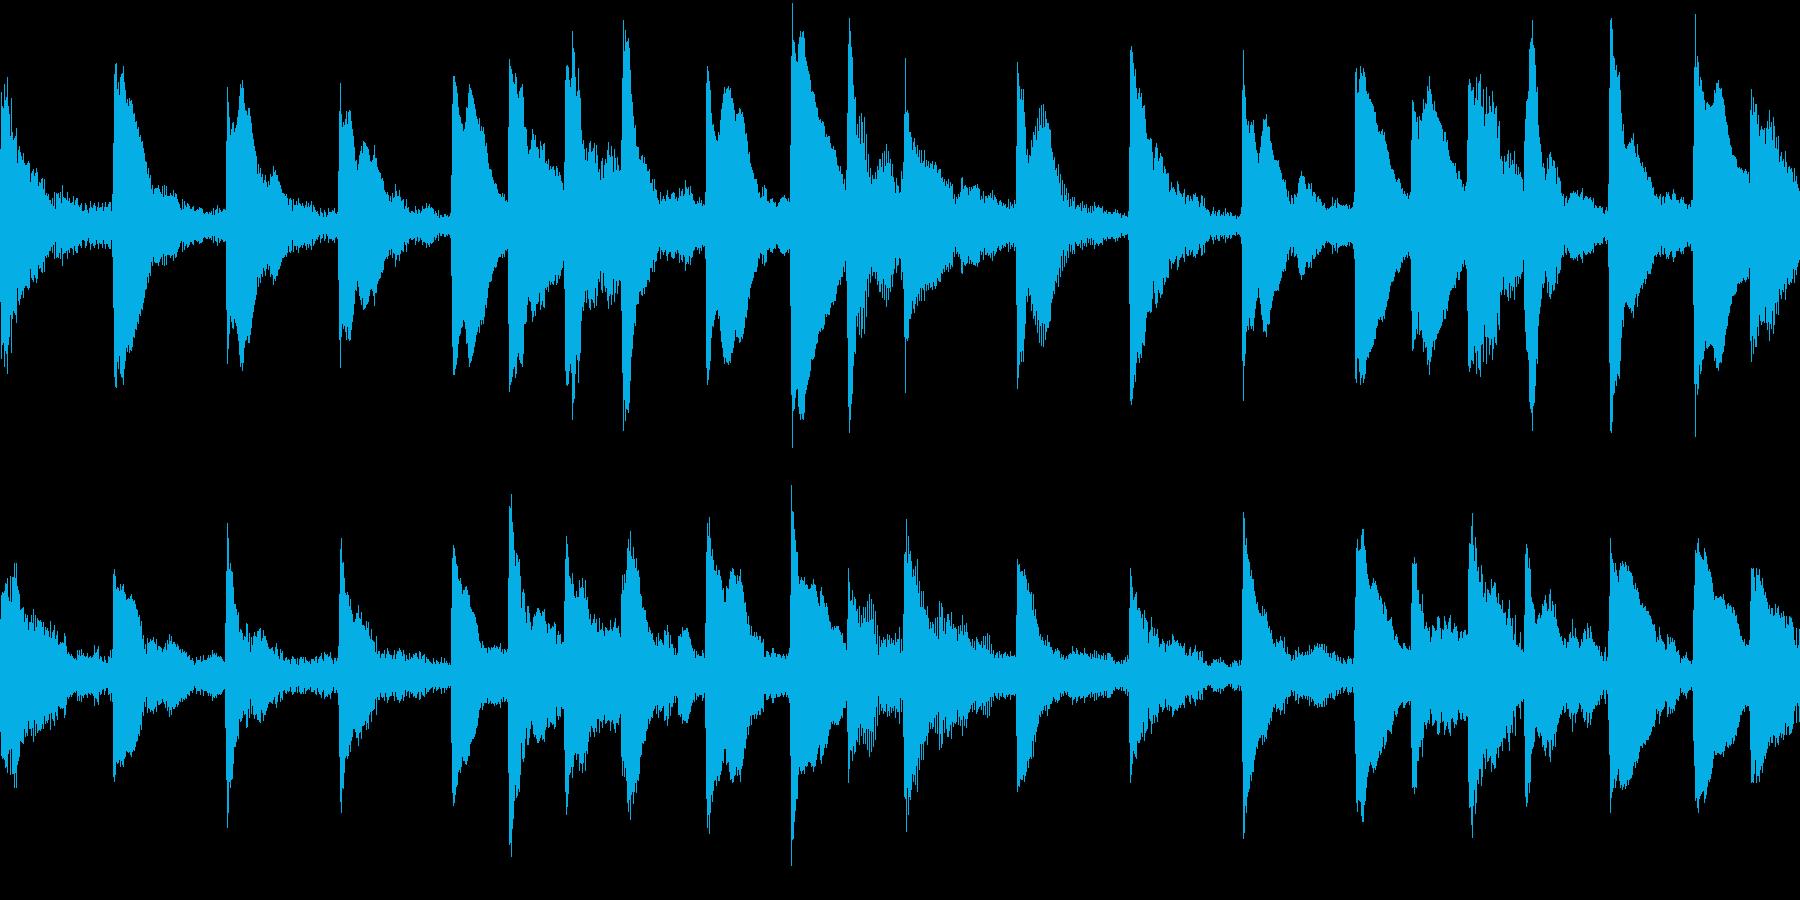 EDM クールなシンセループ 音楽制作用の再生済みの波形